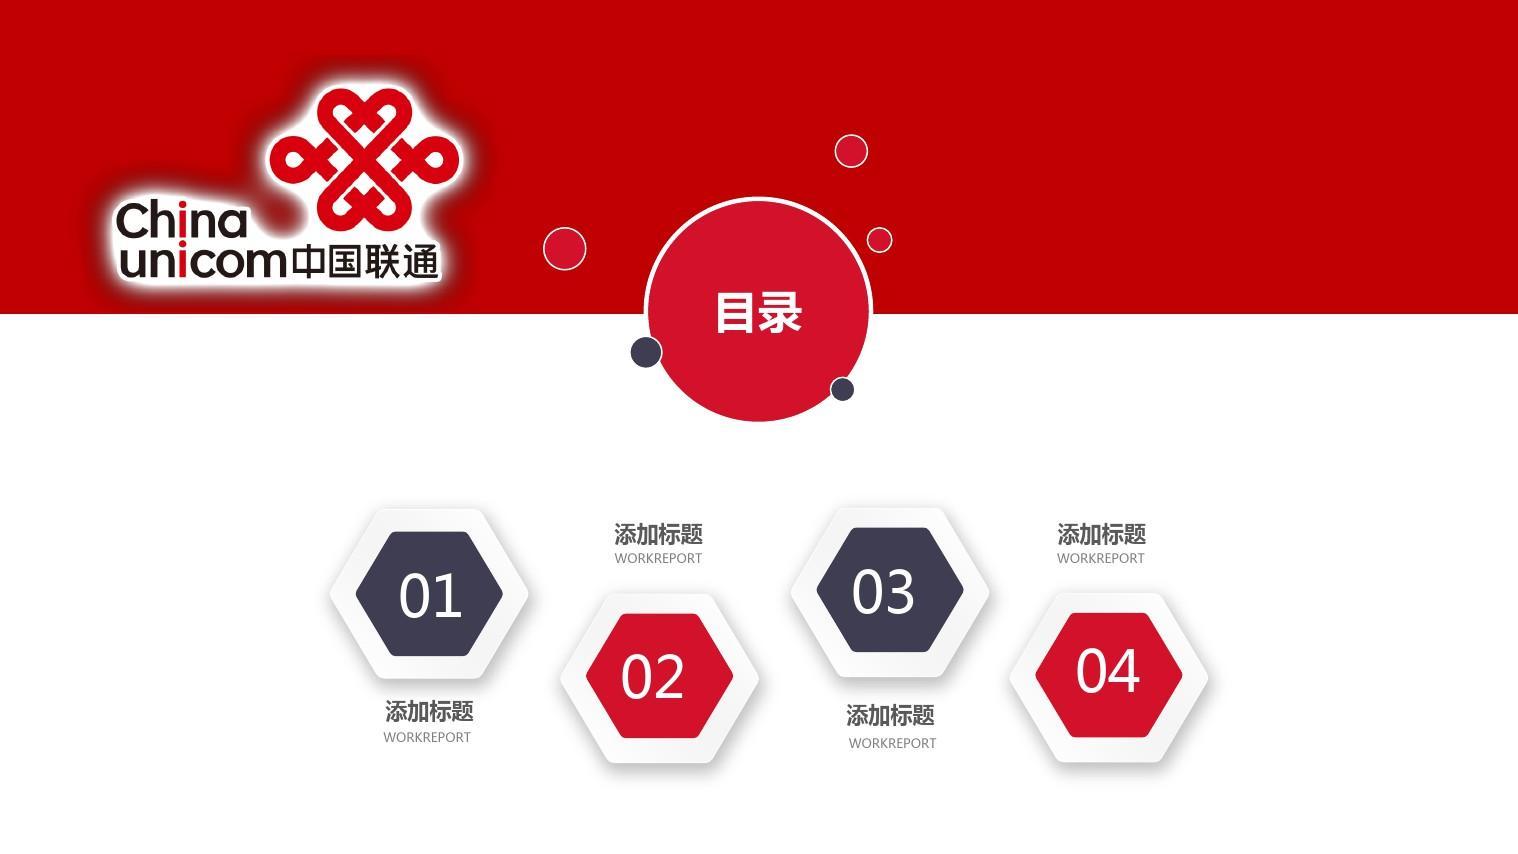 中国联通通信行业年终工作总结模版PPT通用模